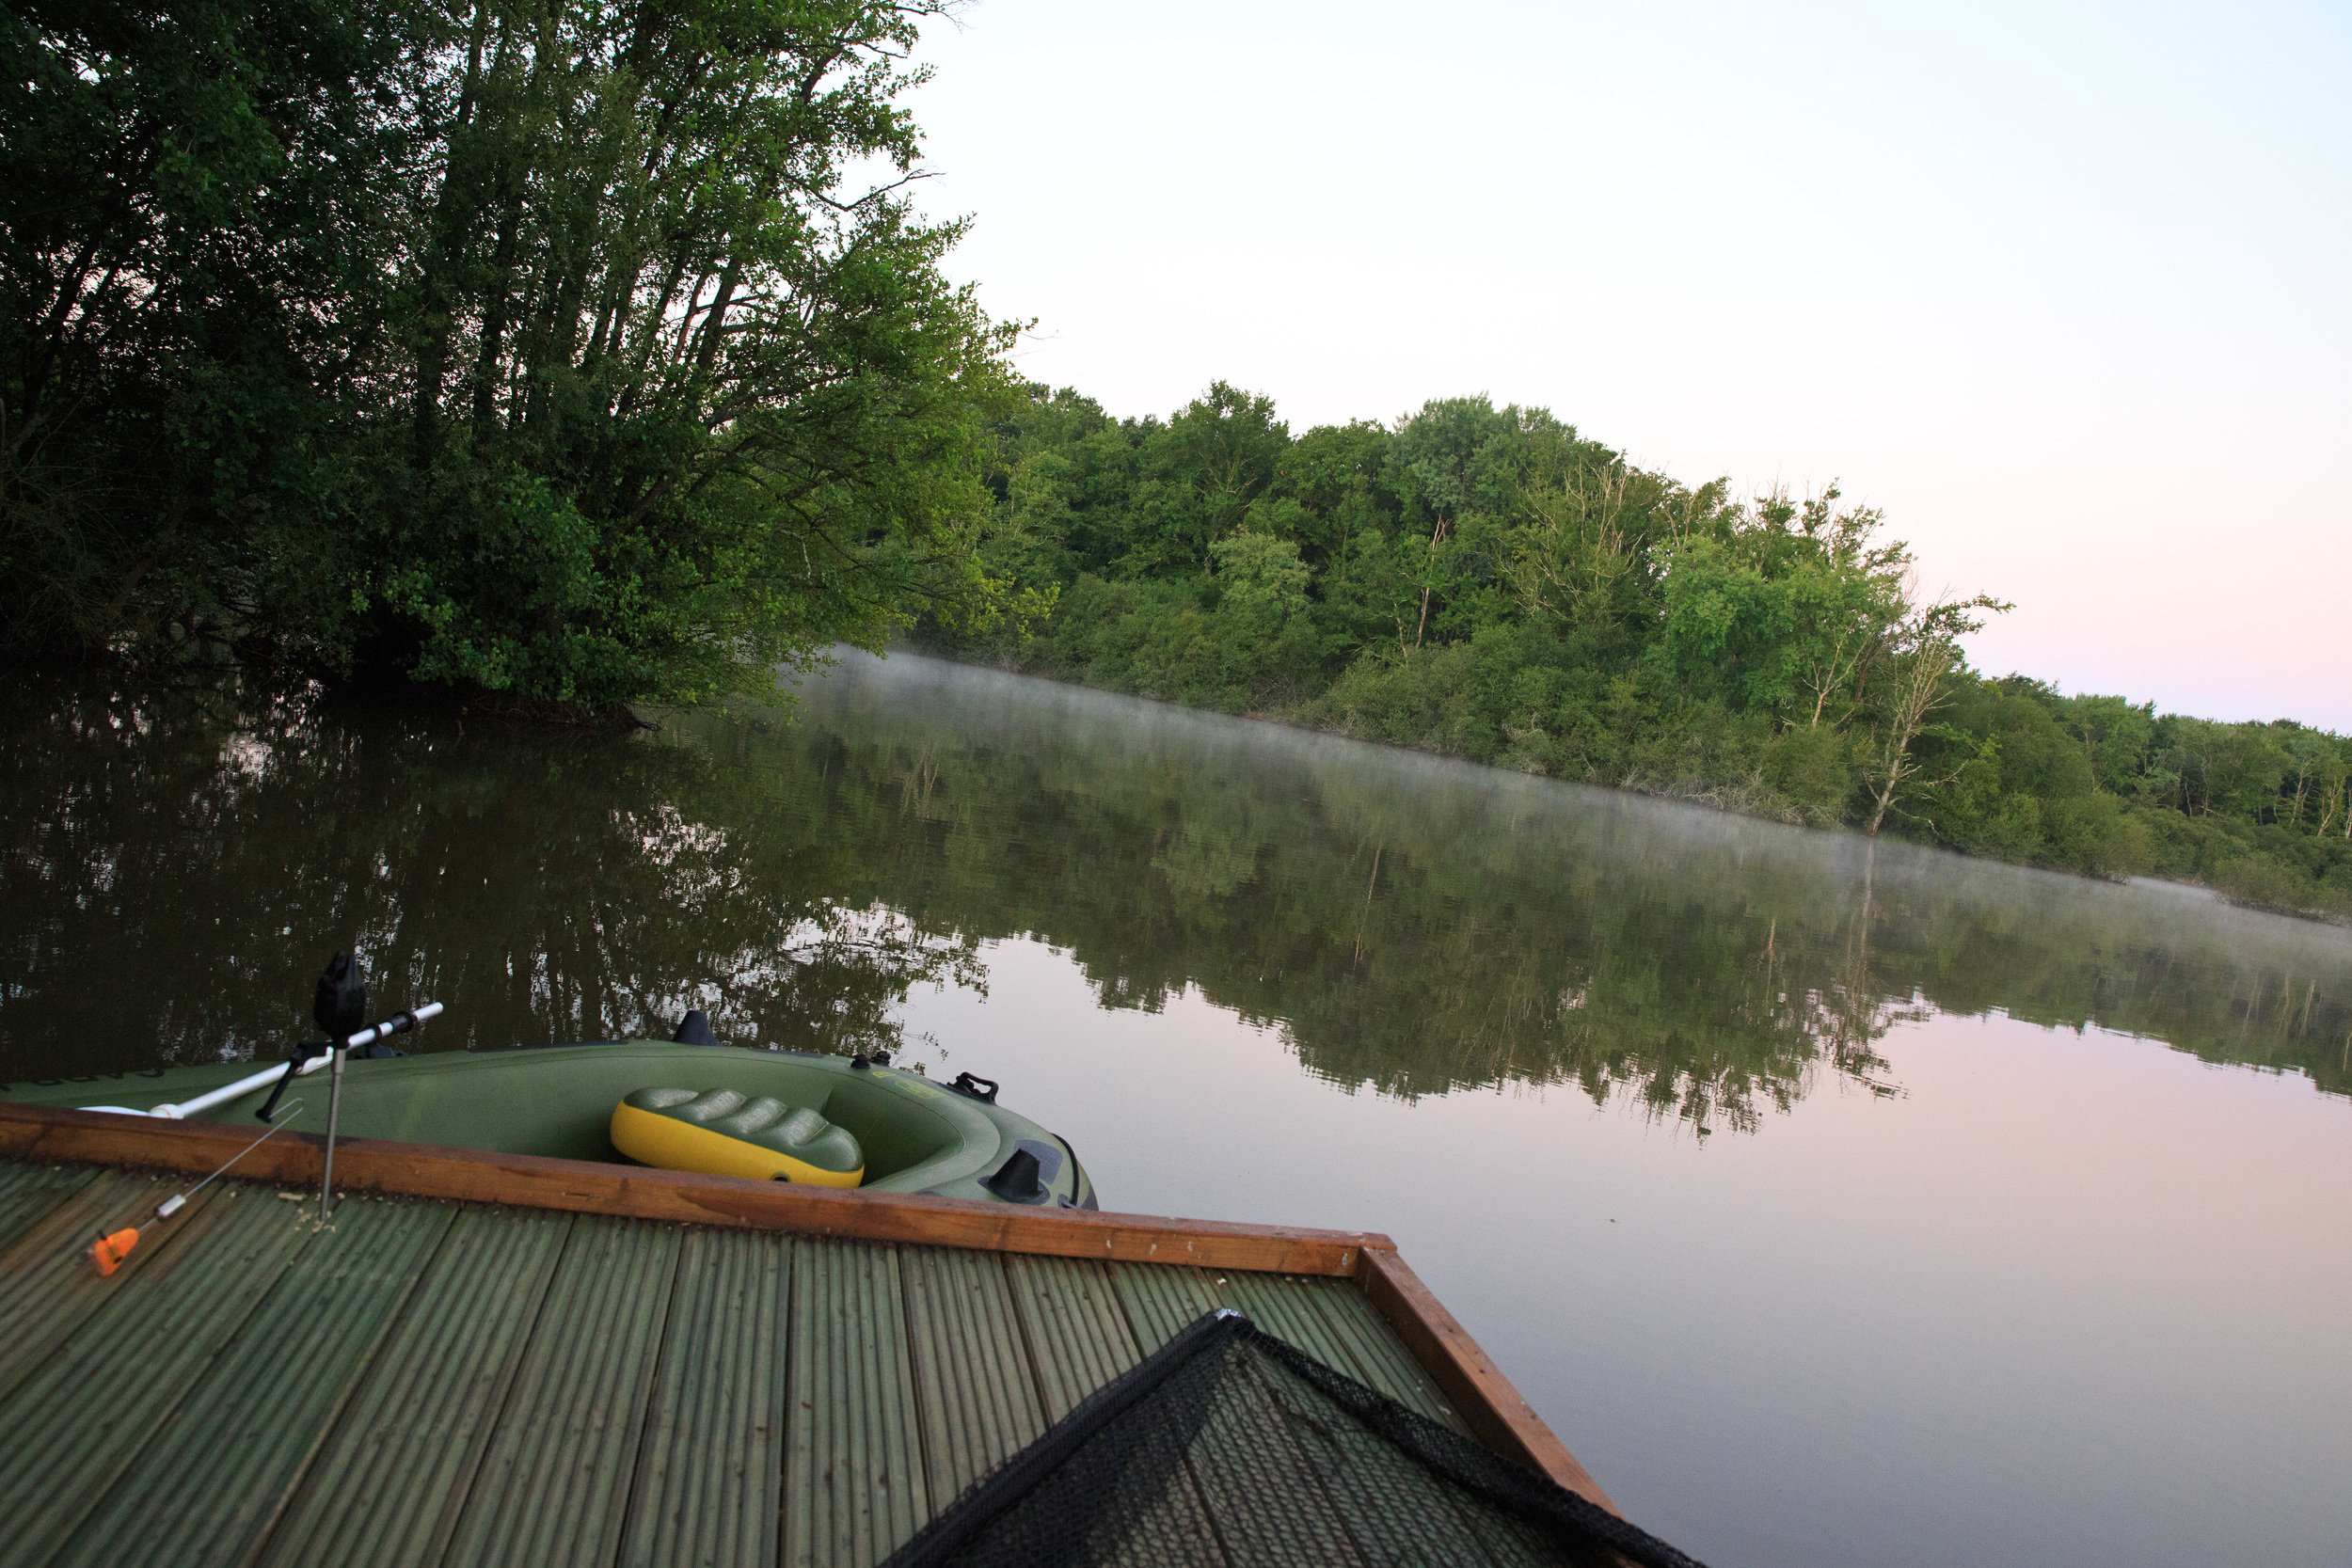 Lake-Meillant-2013_106.jpg